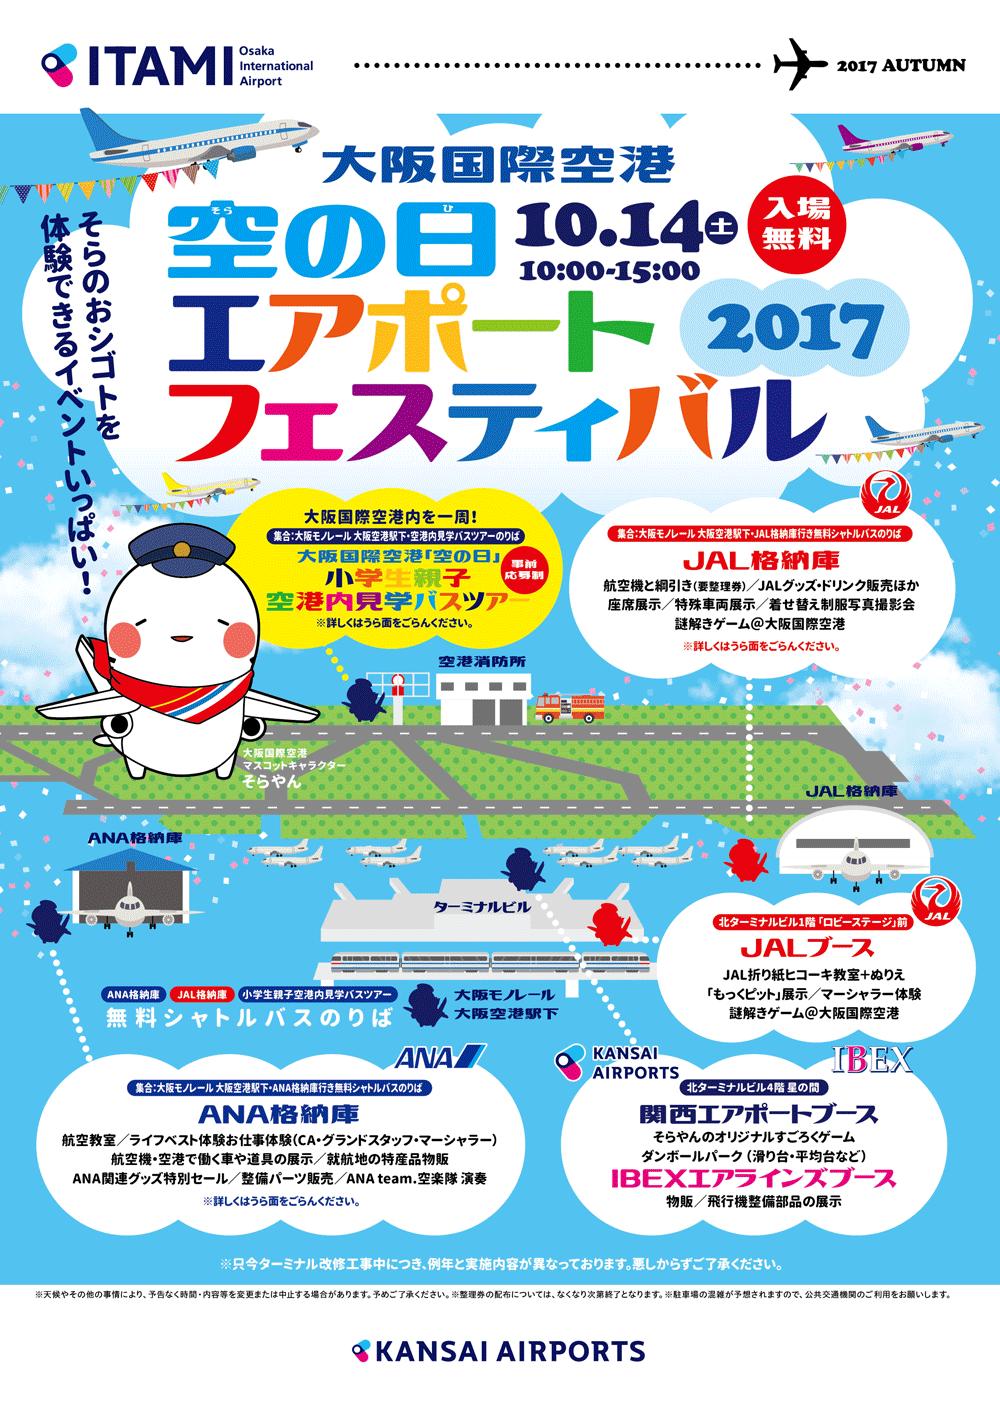 空の日エアポートフェスティバル | KIX-ITM イベントカレンダー